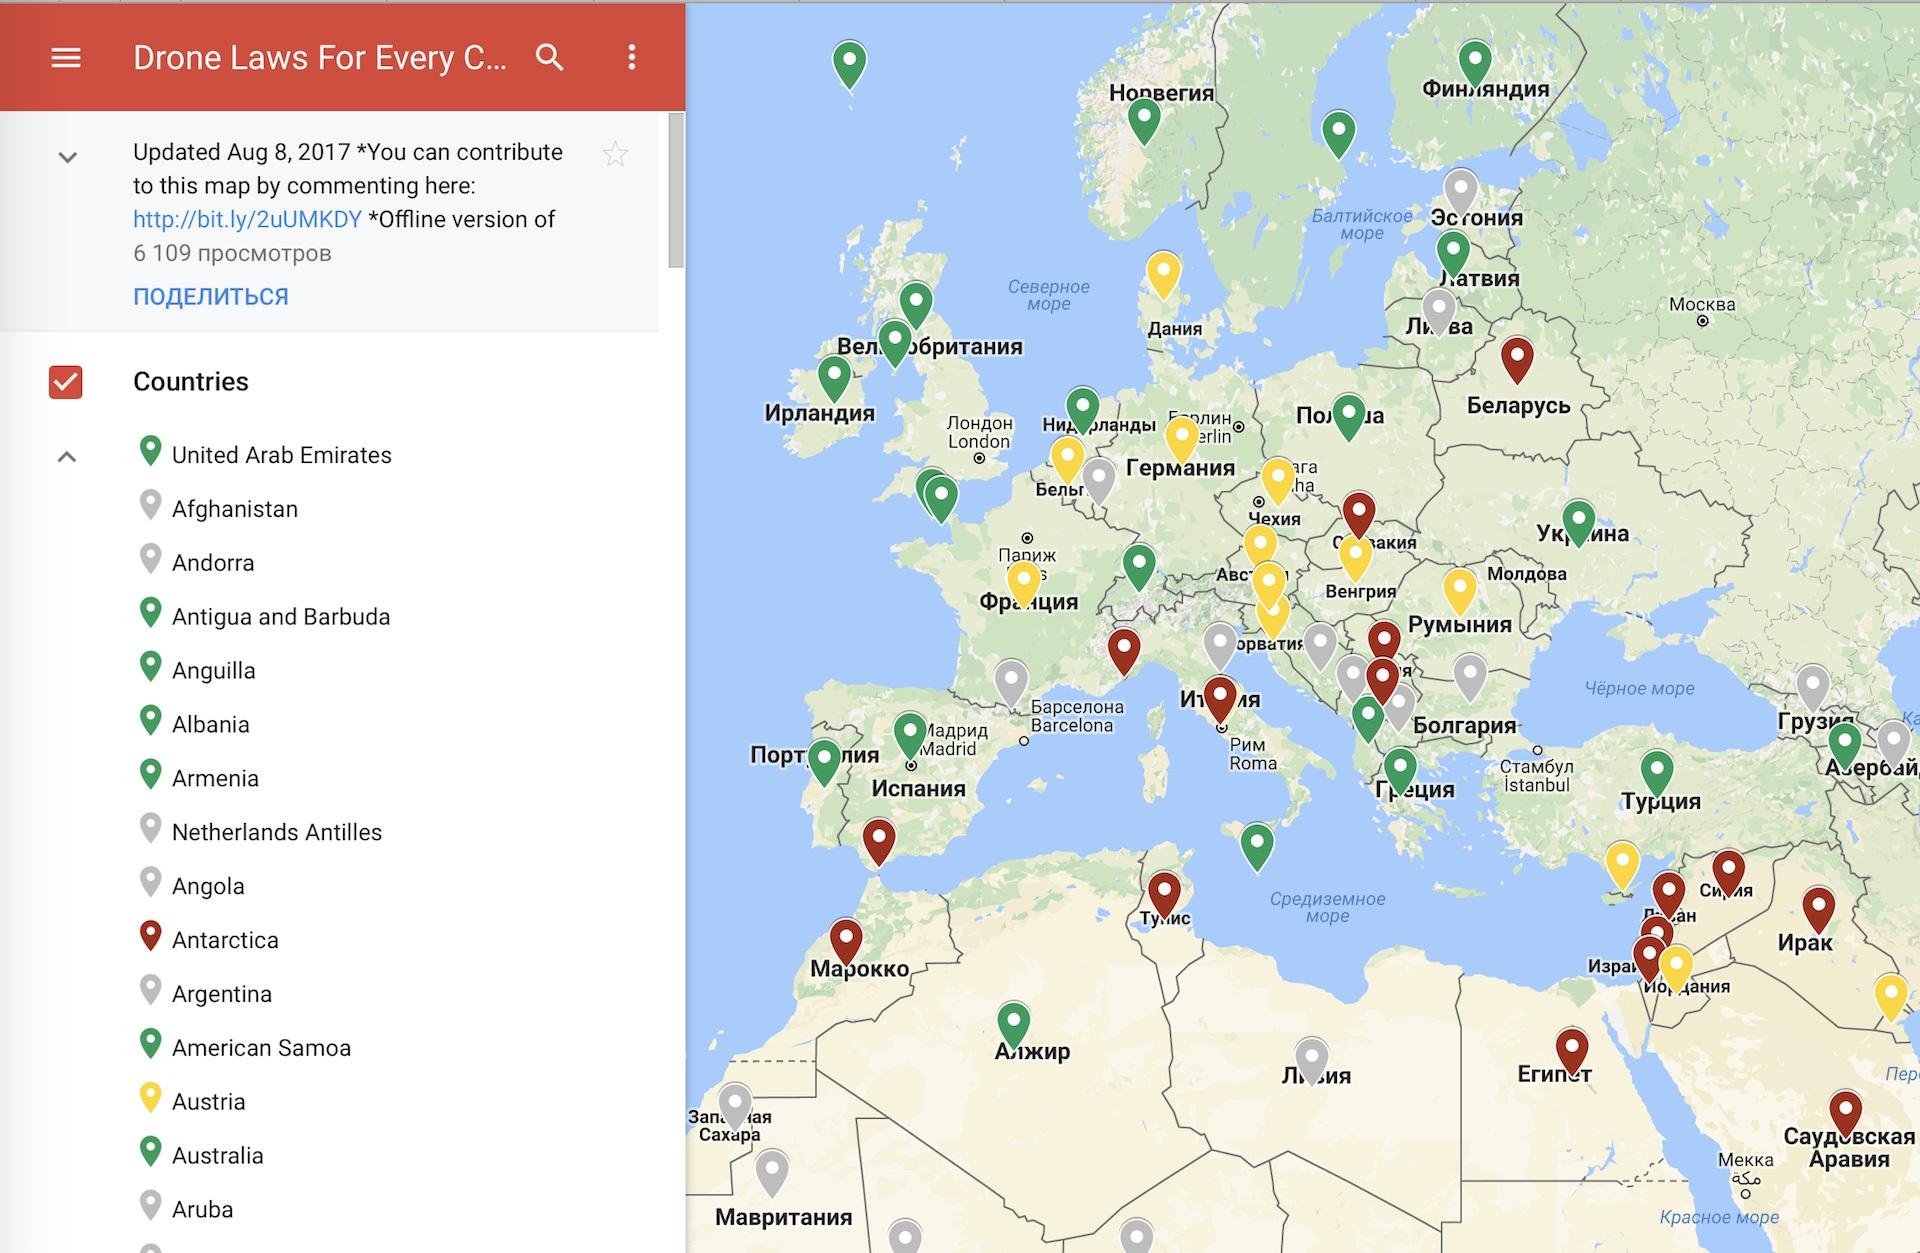 Карта законов о дронах в странах мира